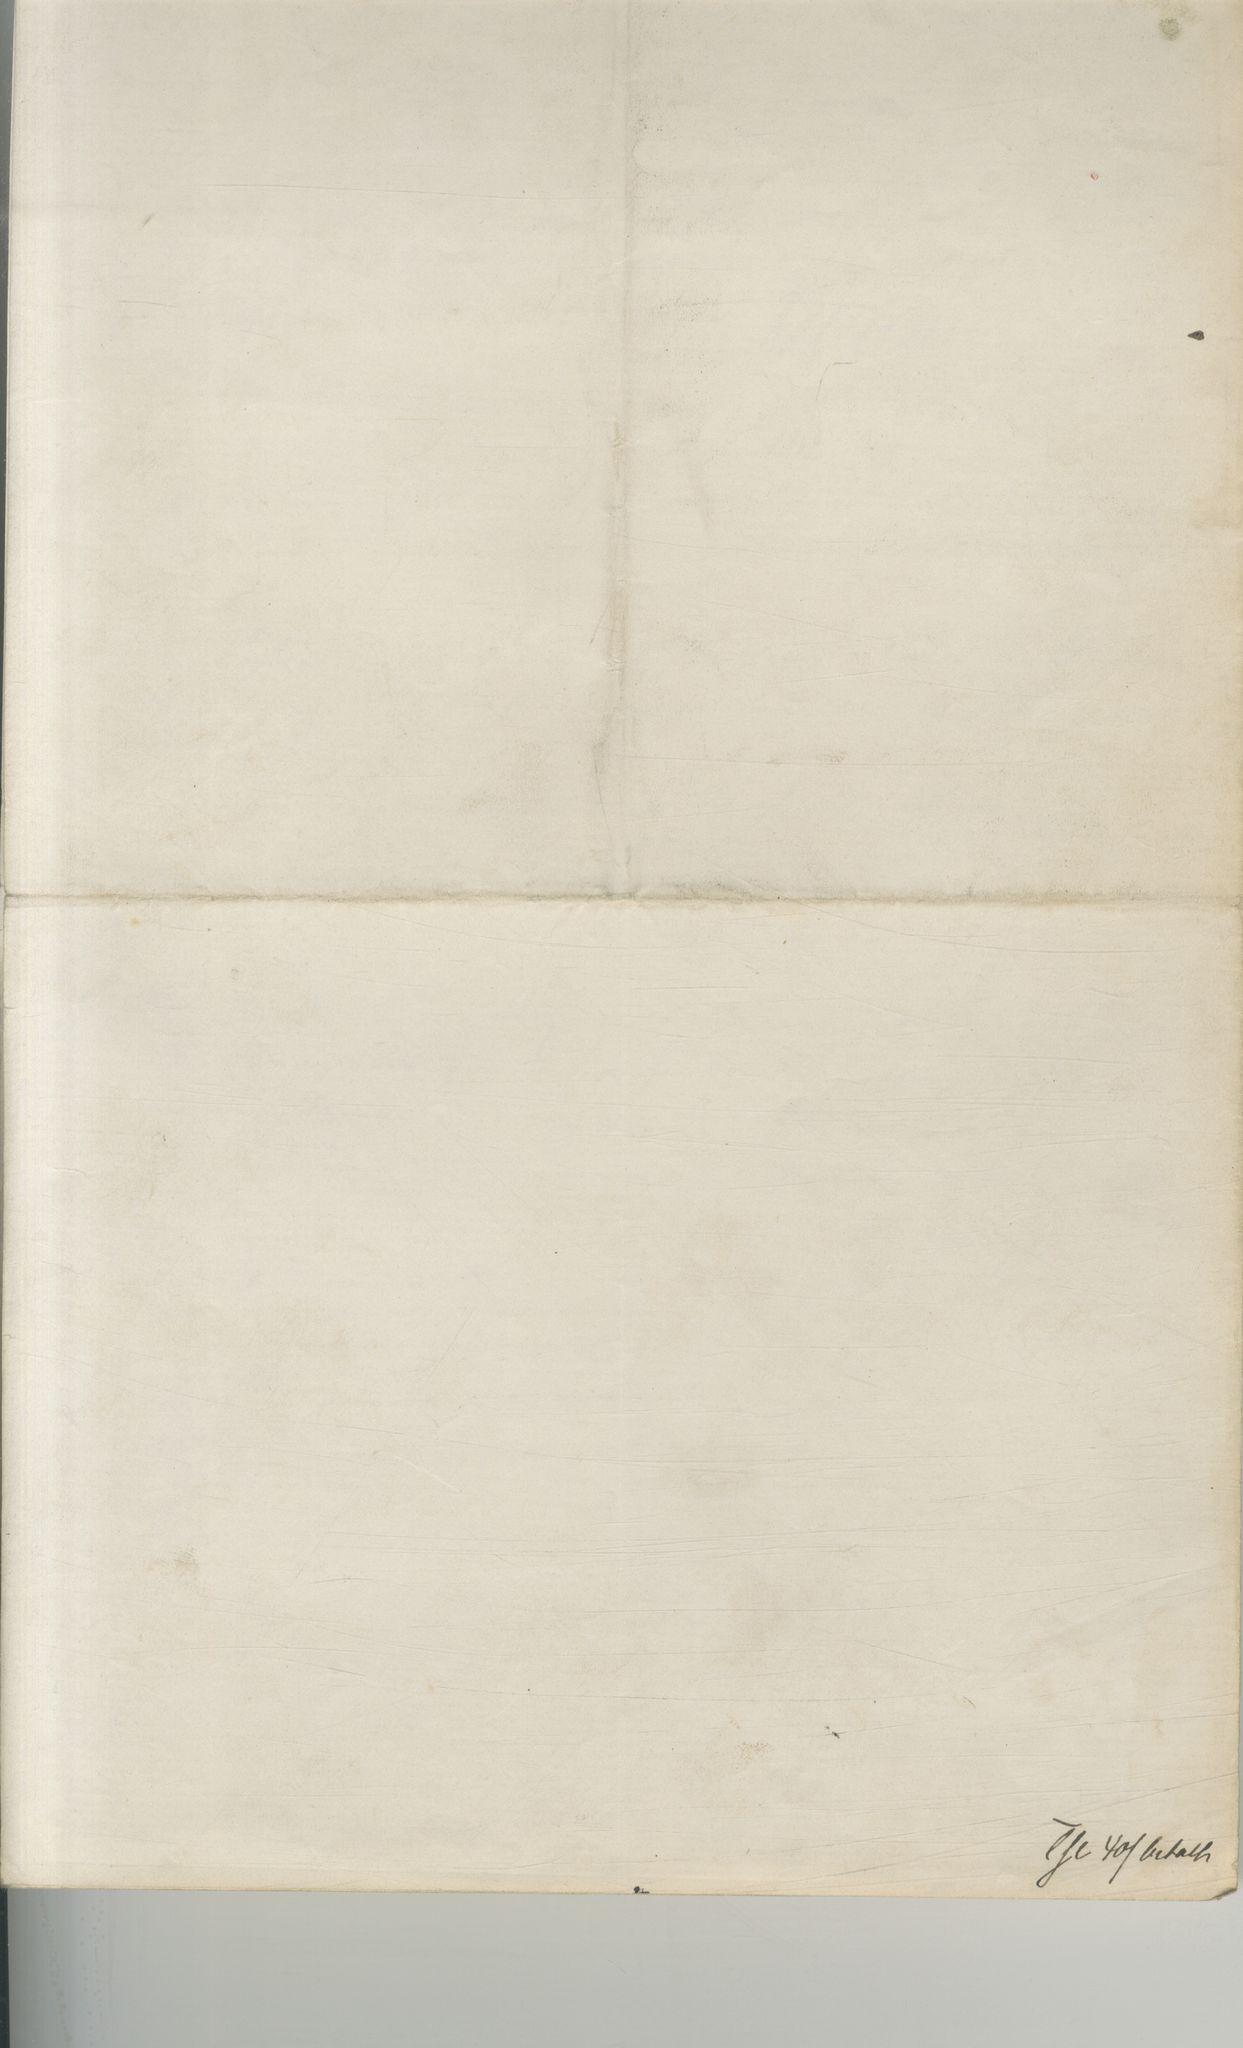 VAMU, Brodtkorb handel A/S, Q/Qb/L0003: Faste eiendommer i Vardø Herred, 1862-1939, p. 143